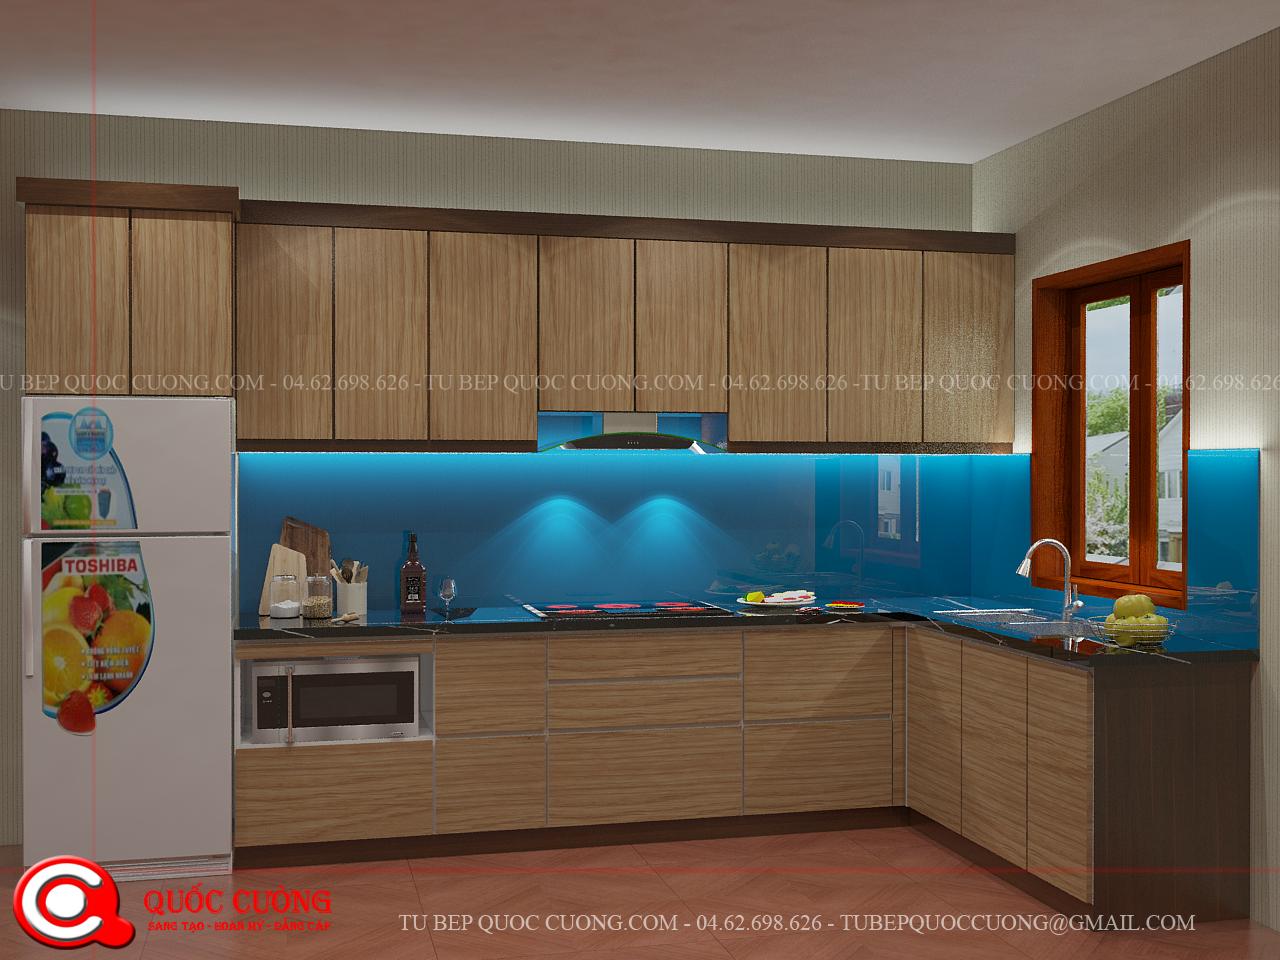 Tủ bếp LI 12sử dụng thùng Inox 304 cho tủ bếp dưới nên cóđộ bền cao, chông nước tốt, không sợ mối mọt.